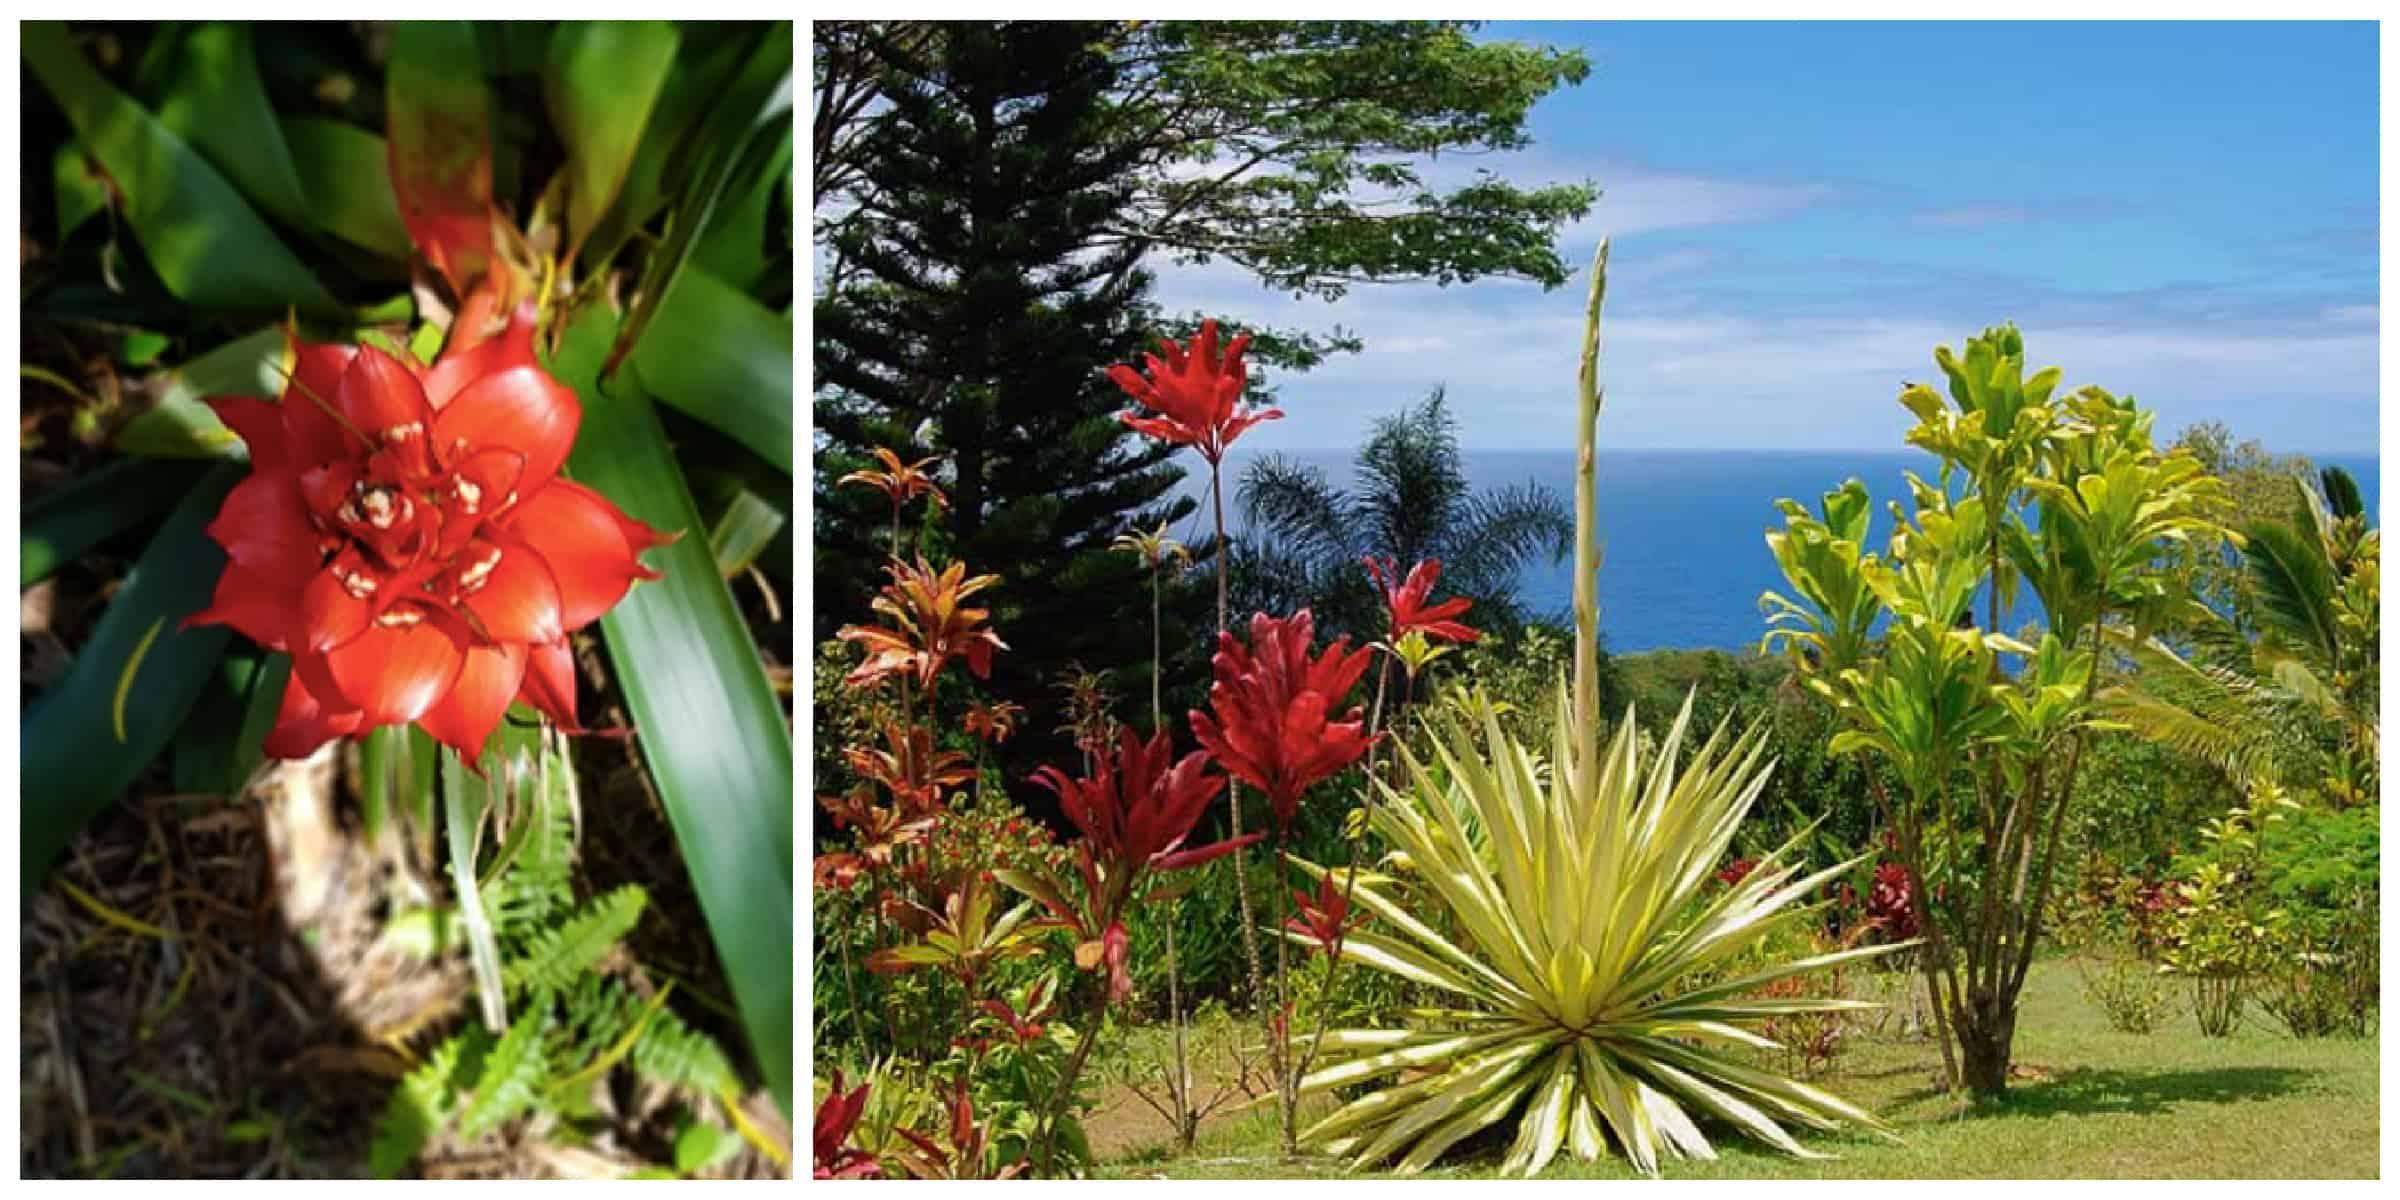 Garden of Eden Arboretum, one of the best stops on the Hana Road